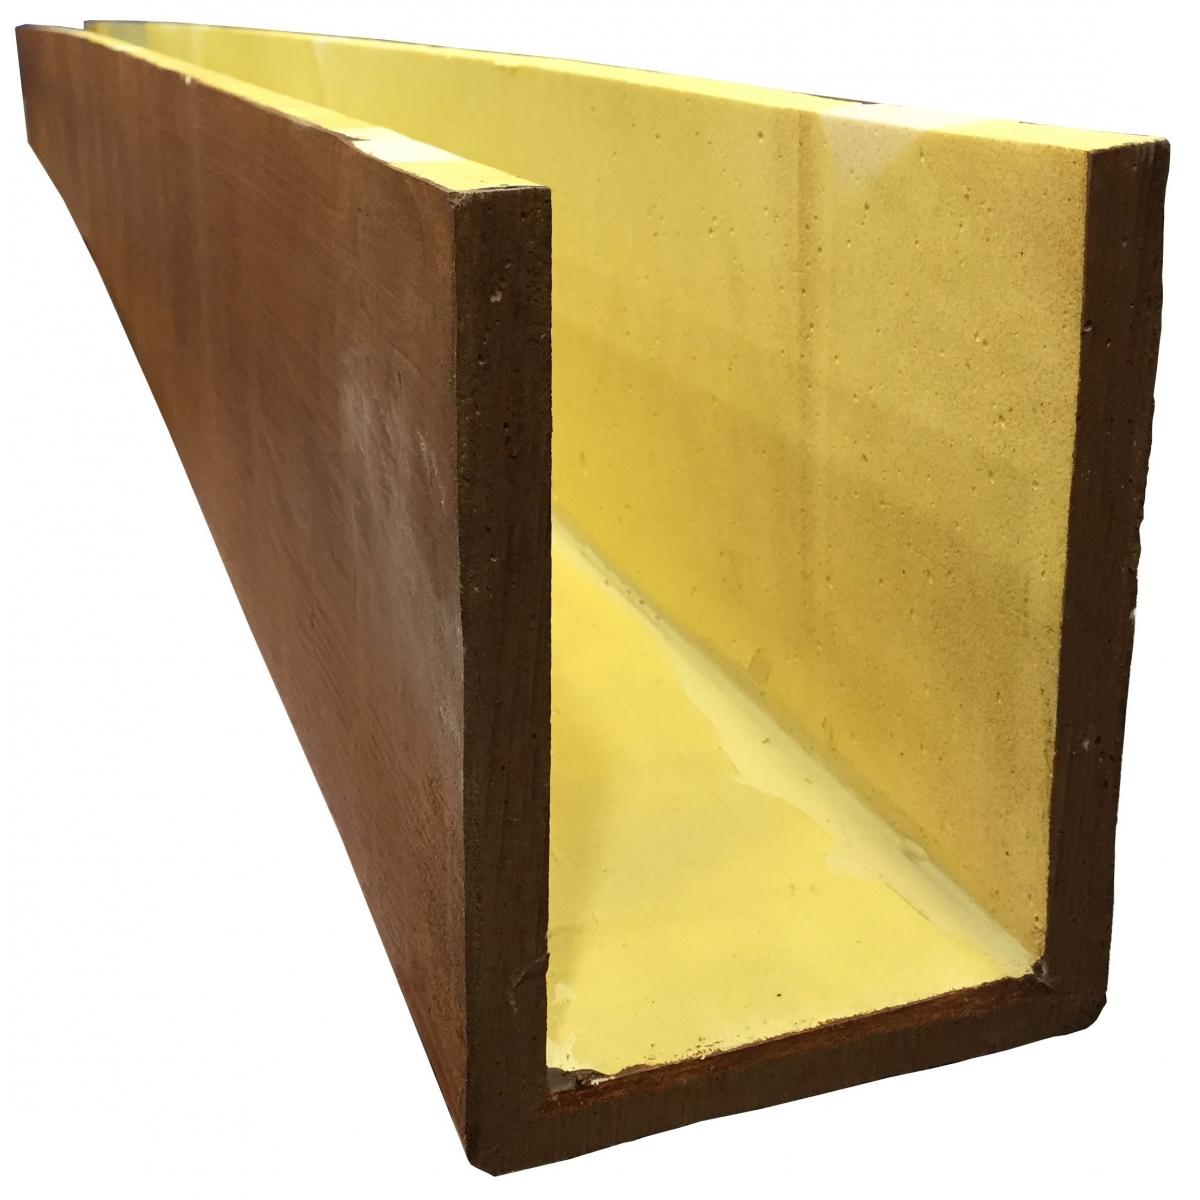 Viga imitación a madera 300x19x20